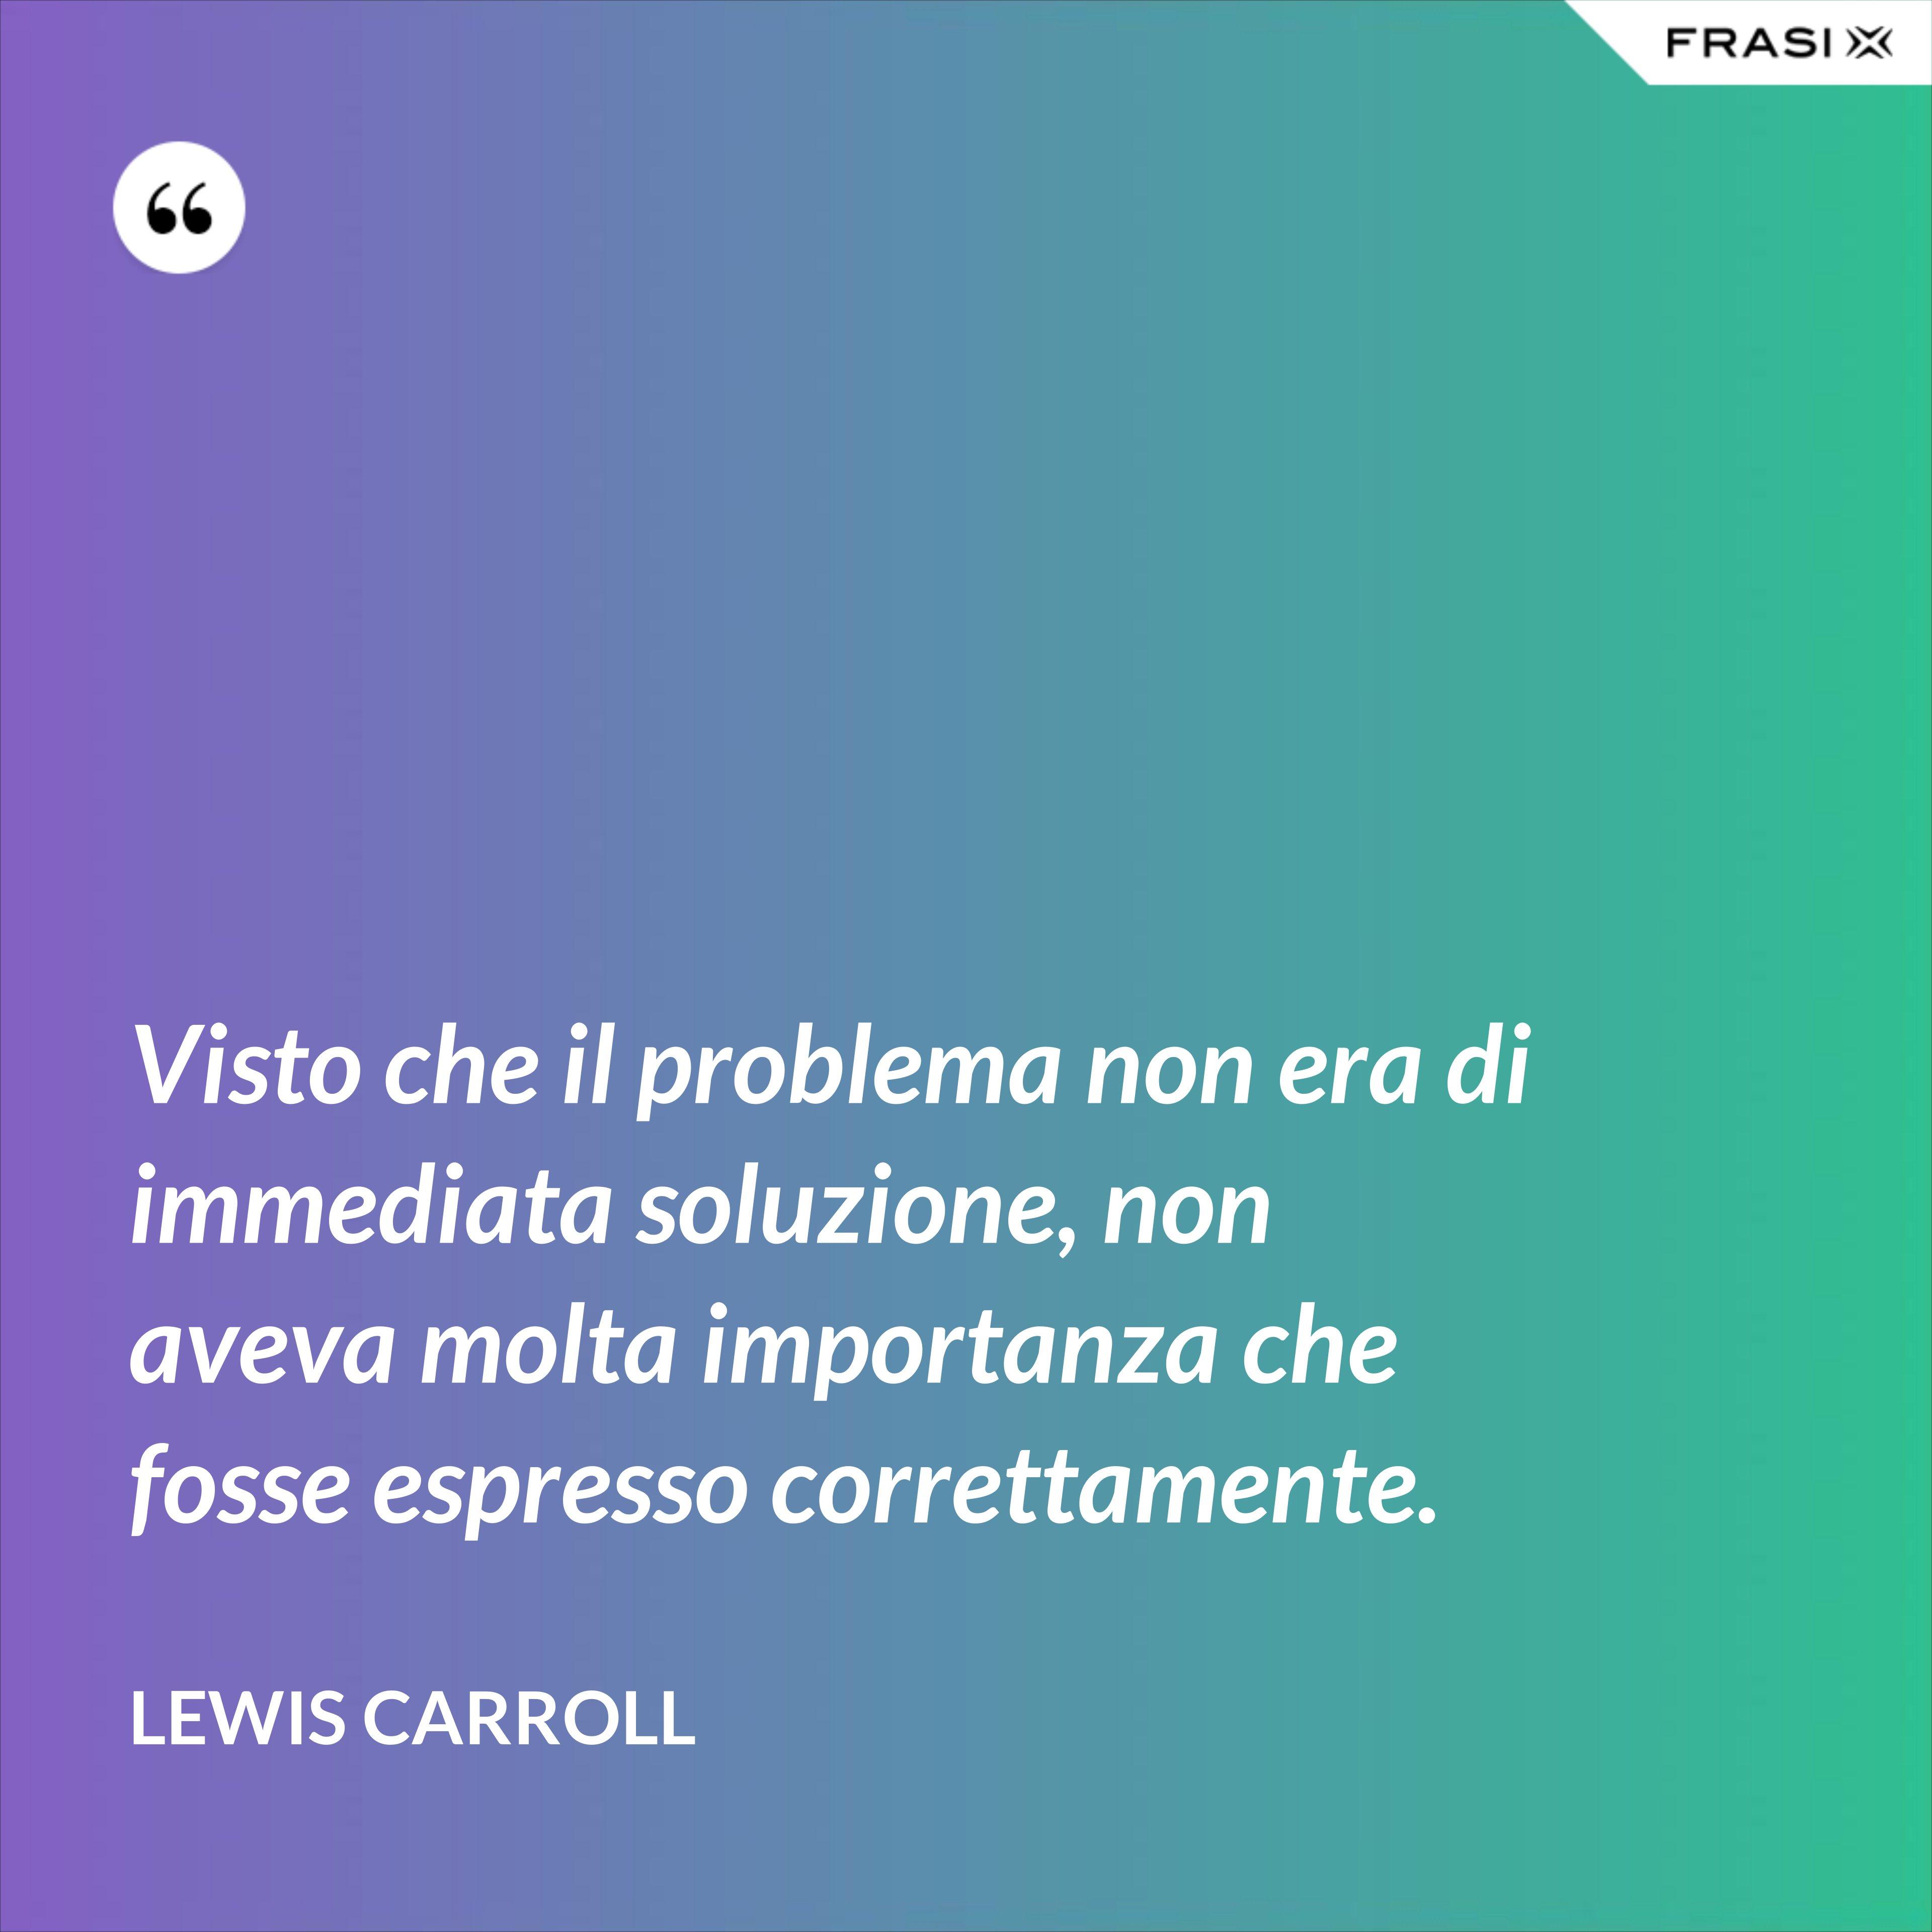 Visto che il problema non era di immediata soluzione, non aveva molta importanza che fosse espresso correttamente. - Lewis Carroll